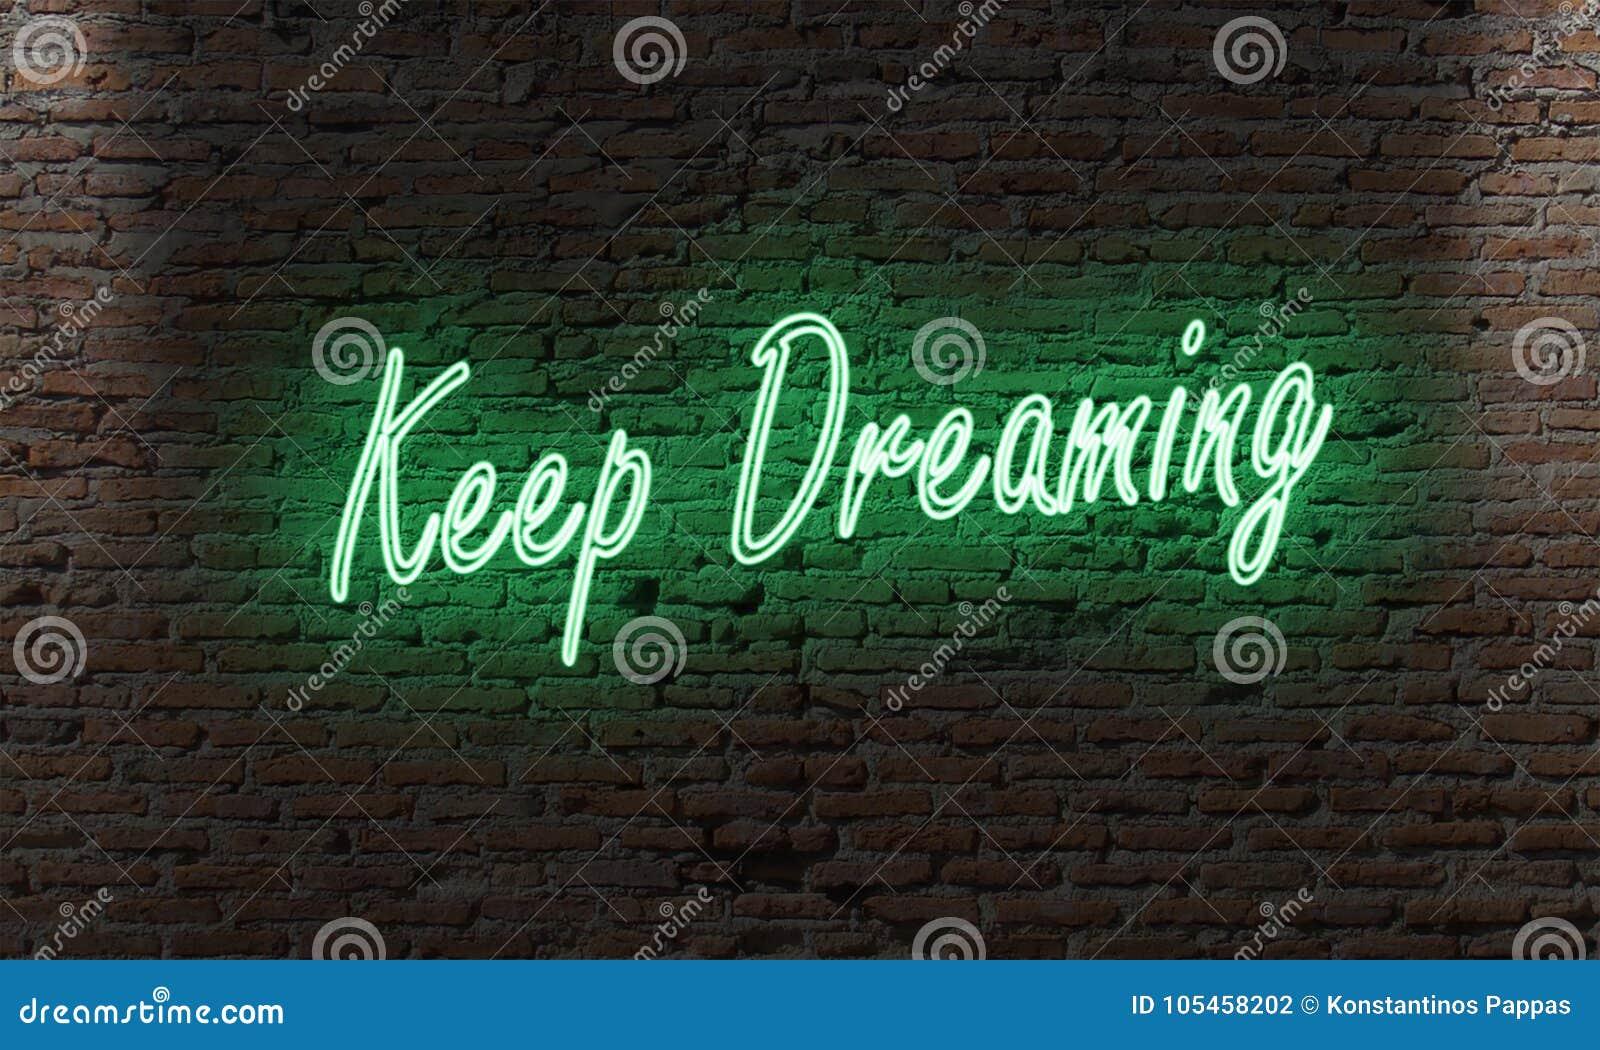 Het teken van de neonbrief met het citaat houdt binnen dromend op een bakstenen muur